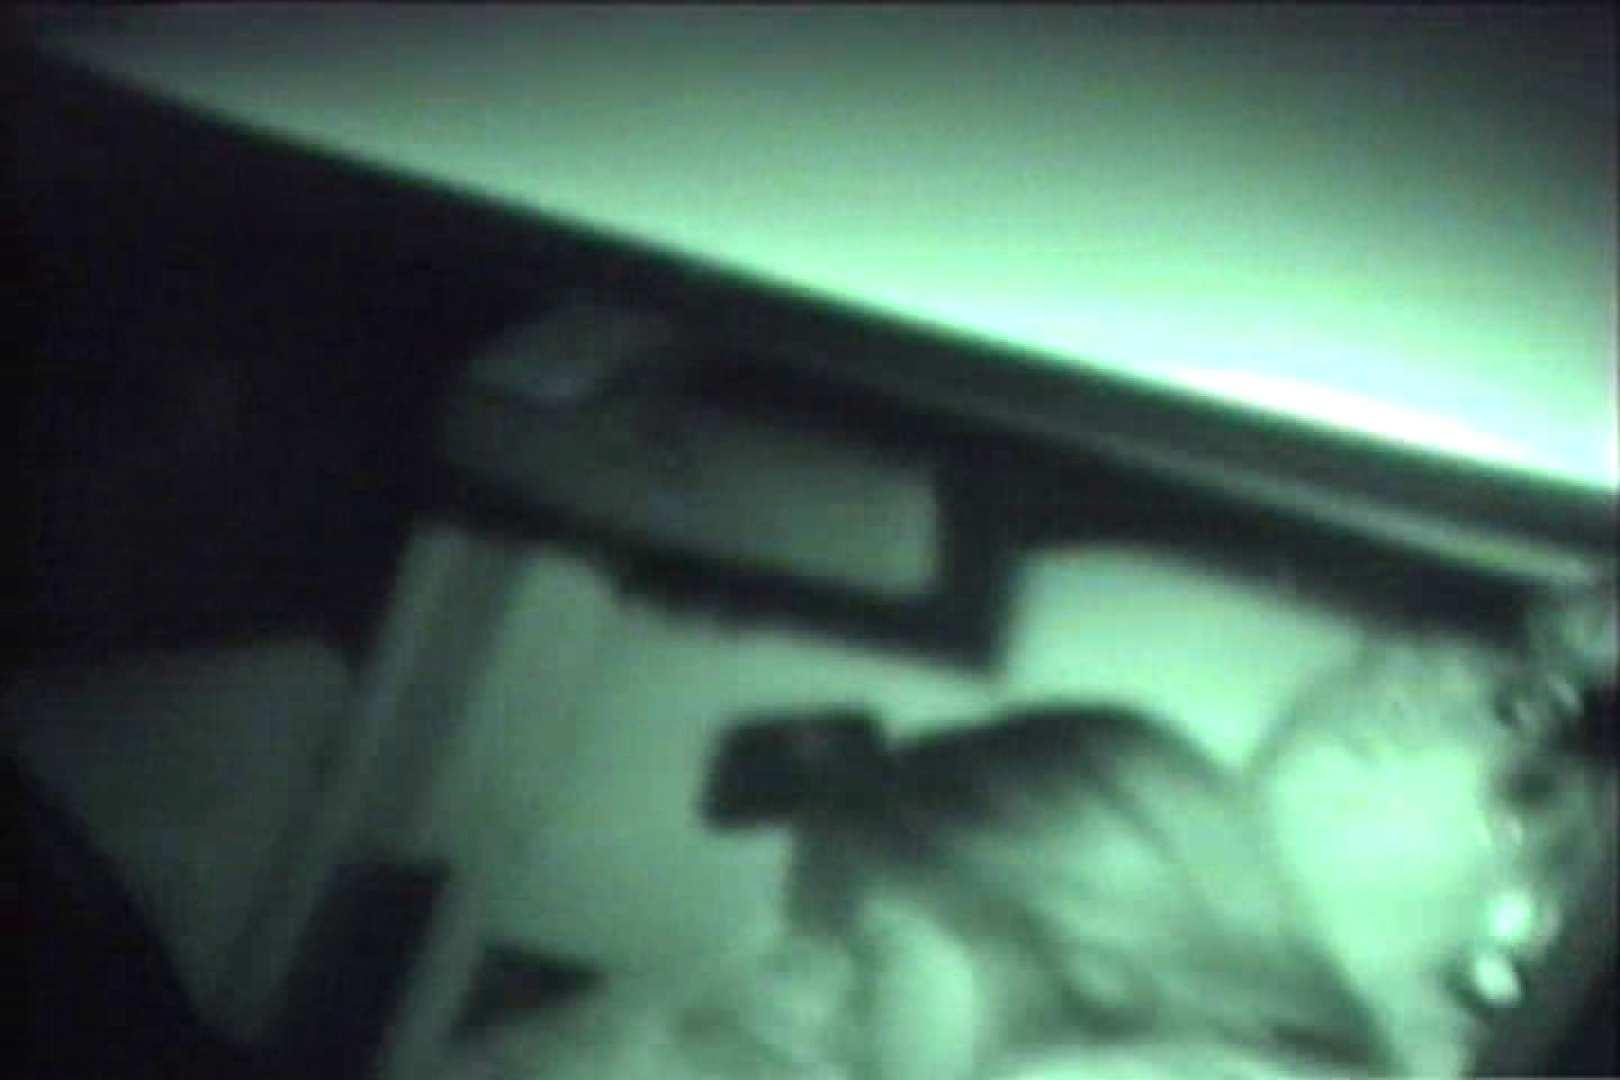 車の中はラブホテル 無修正版  Vol.17 マンコ | 赤外線  97画像 15